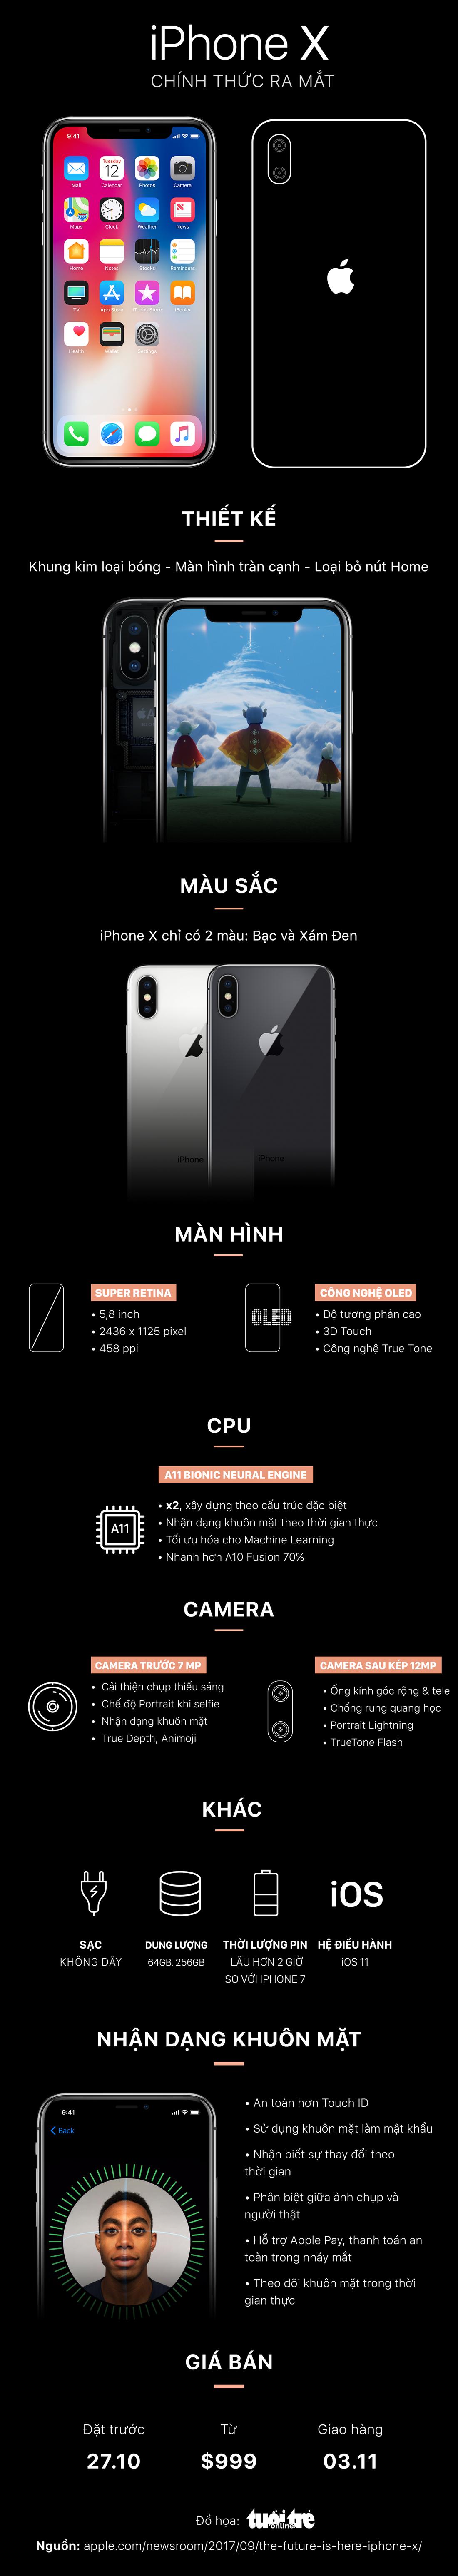 Tất tần tật những gì cần biết về iPhone 8 và iPhone X - Ảnh 2.